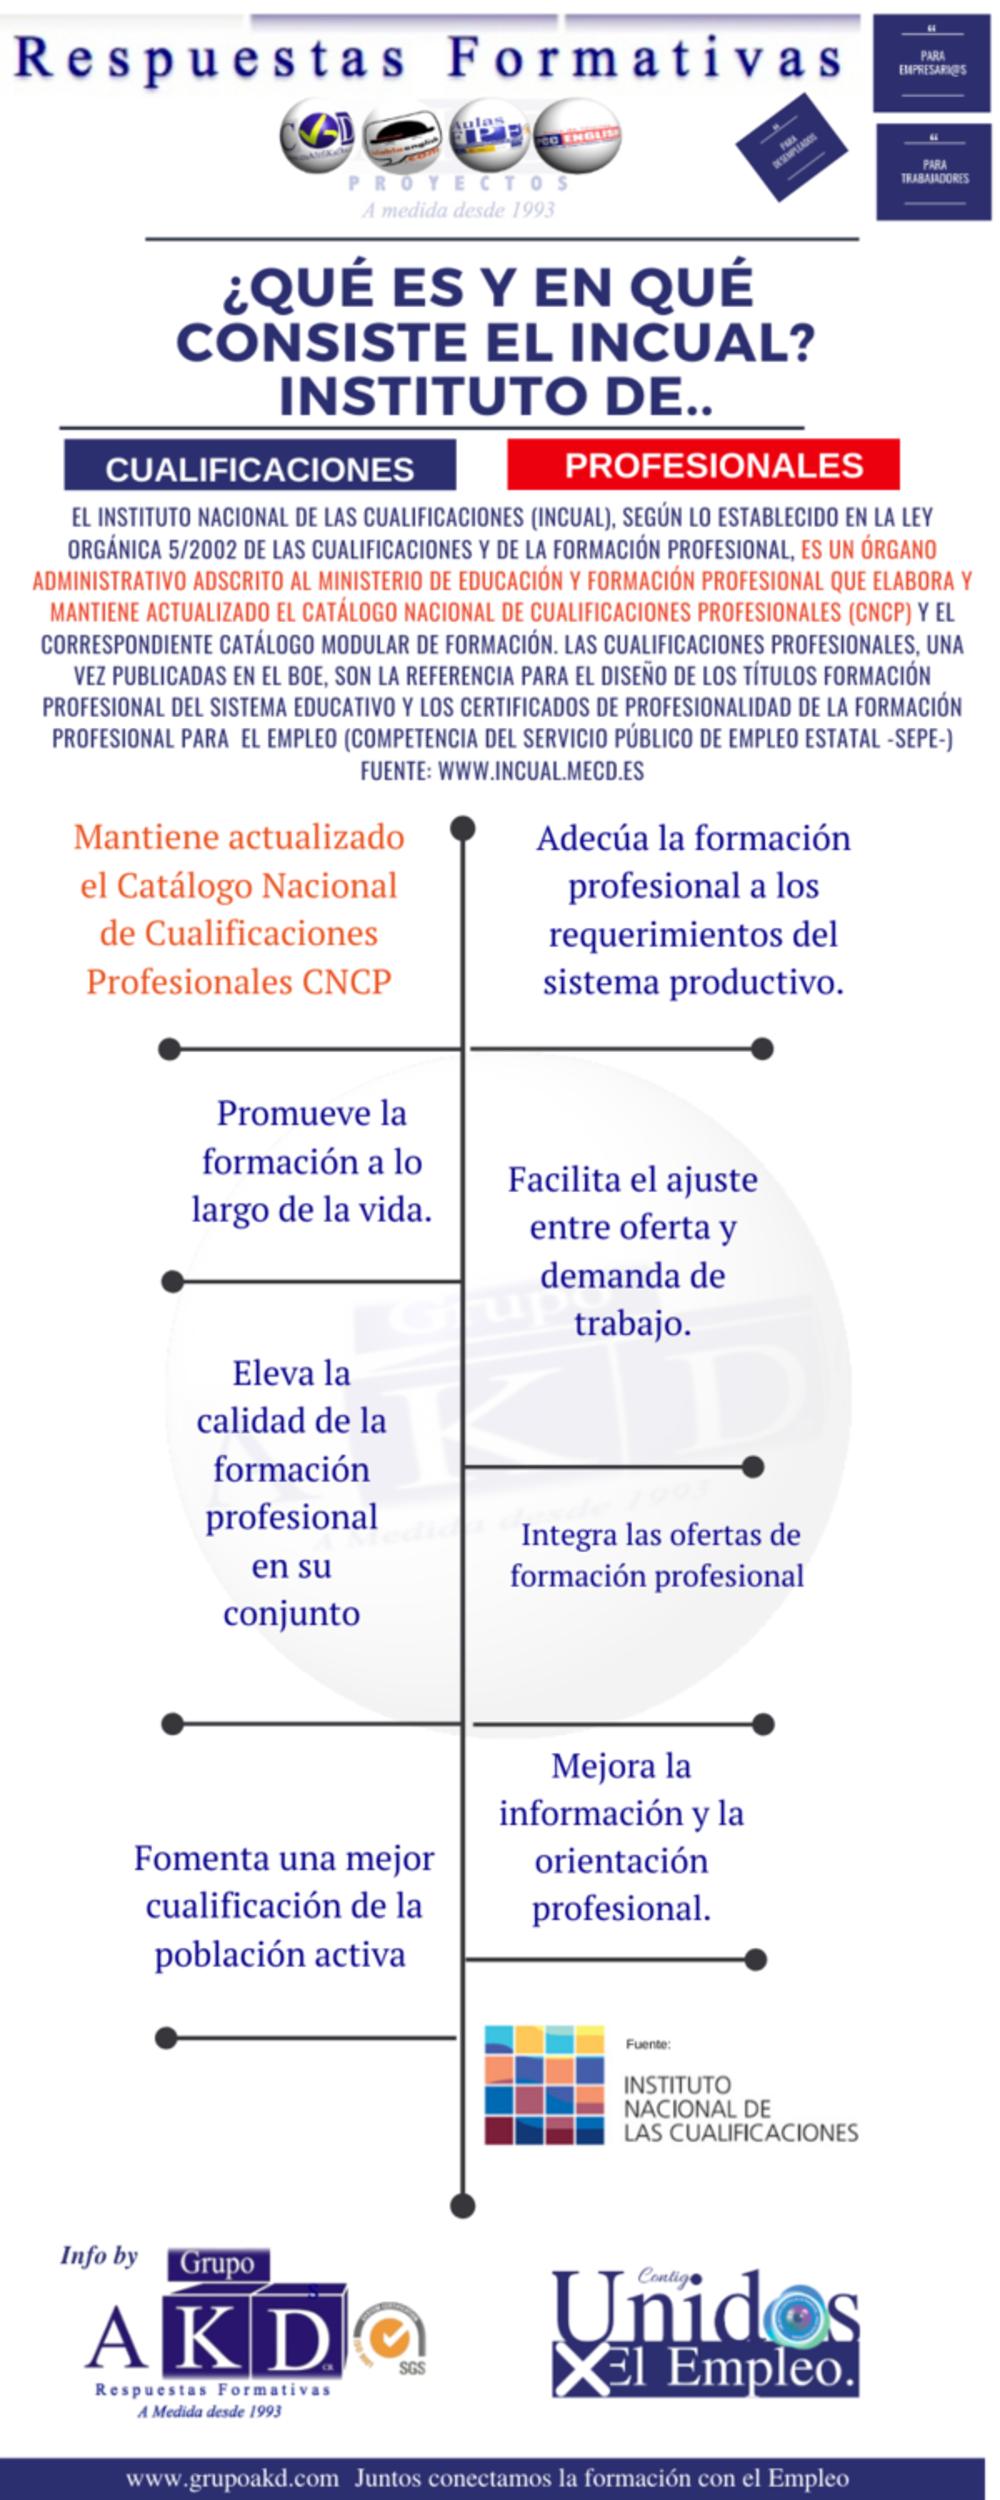 ¿Qué es y en qué consiste el Programa de Formación Plus de la JCCM?